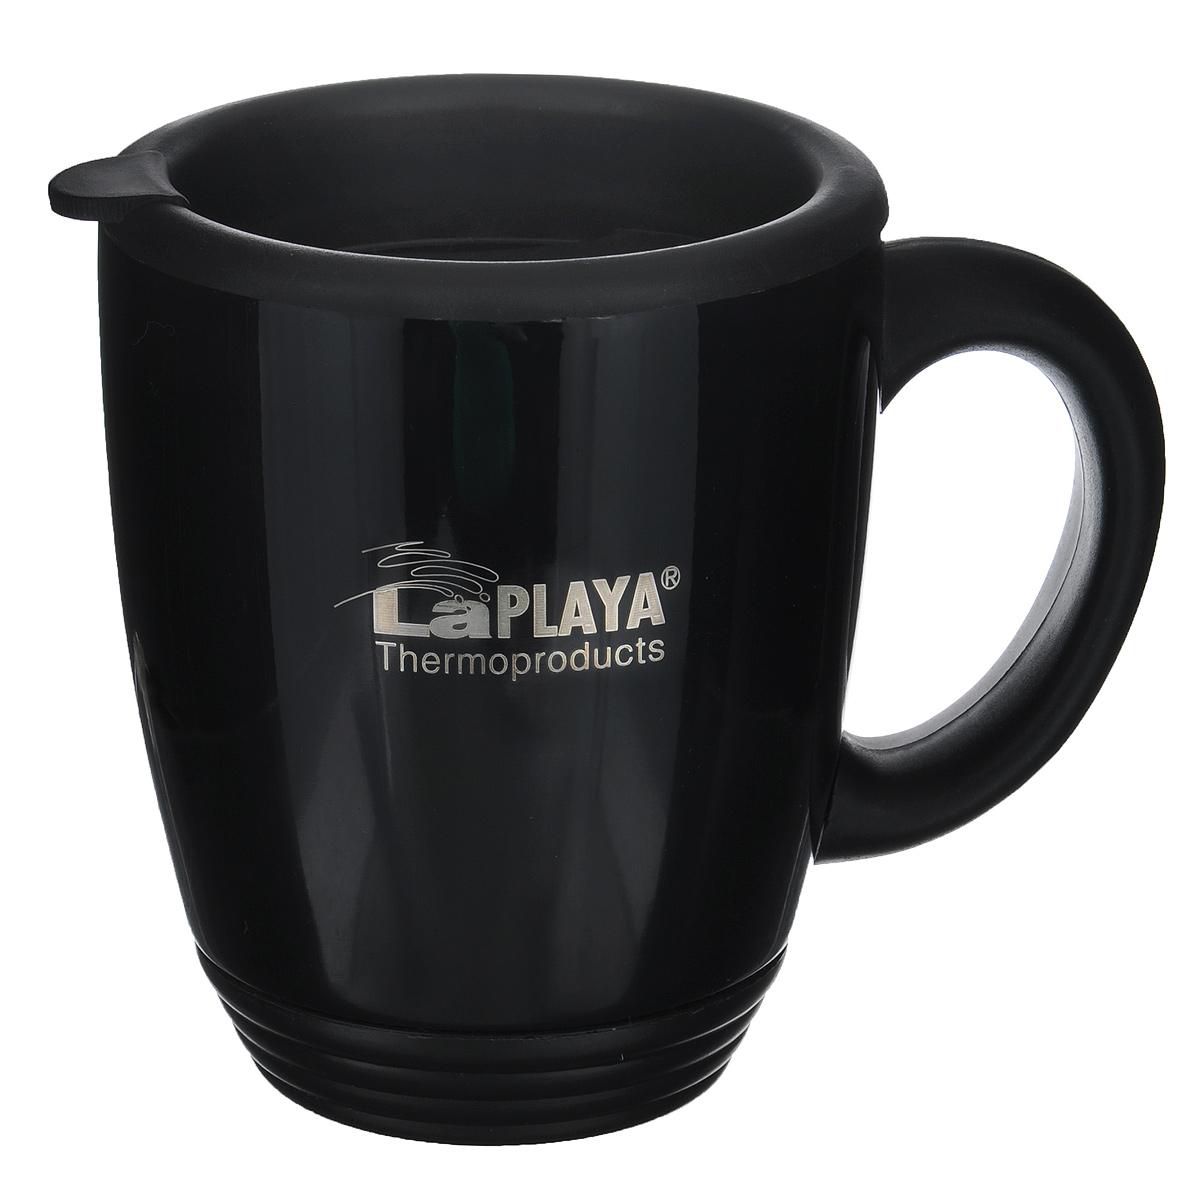 Термокружка LaPlaya, цвет: черный, 450 мл термосы и термокружки